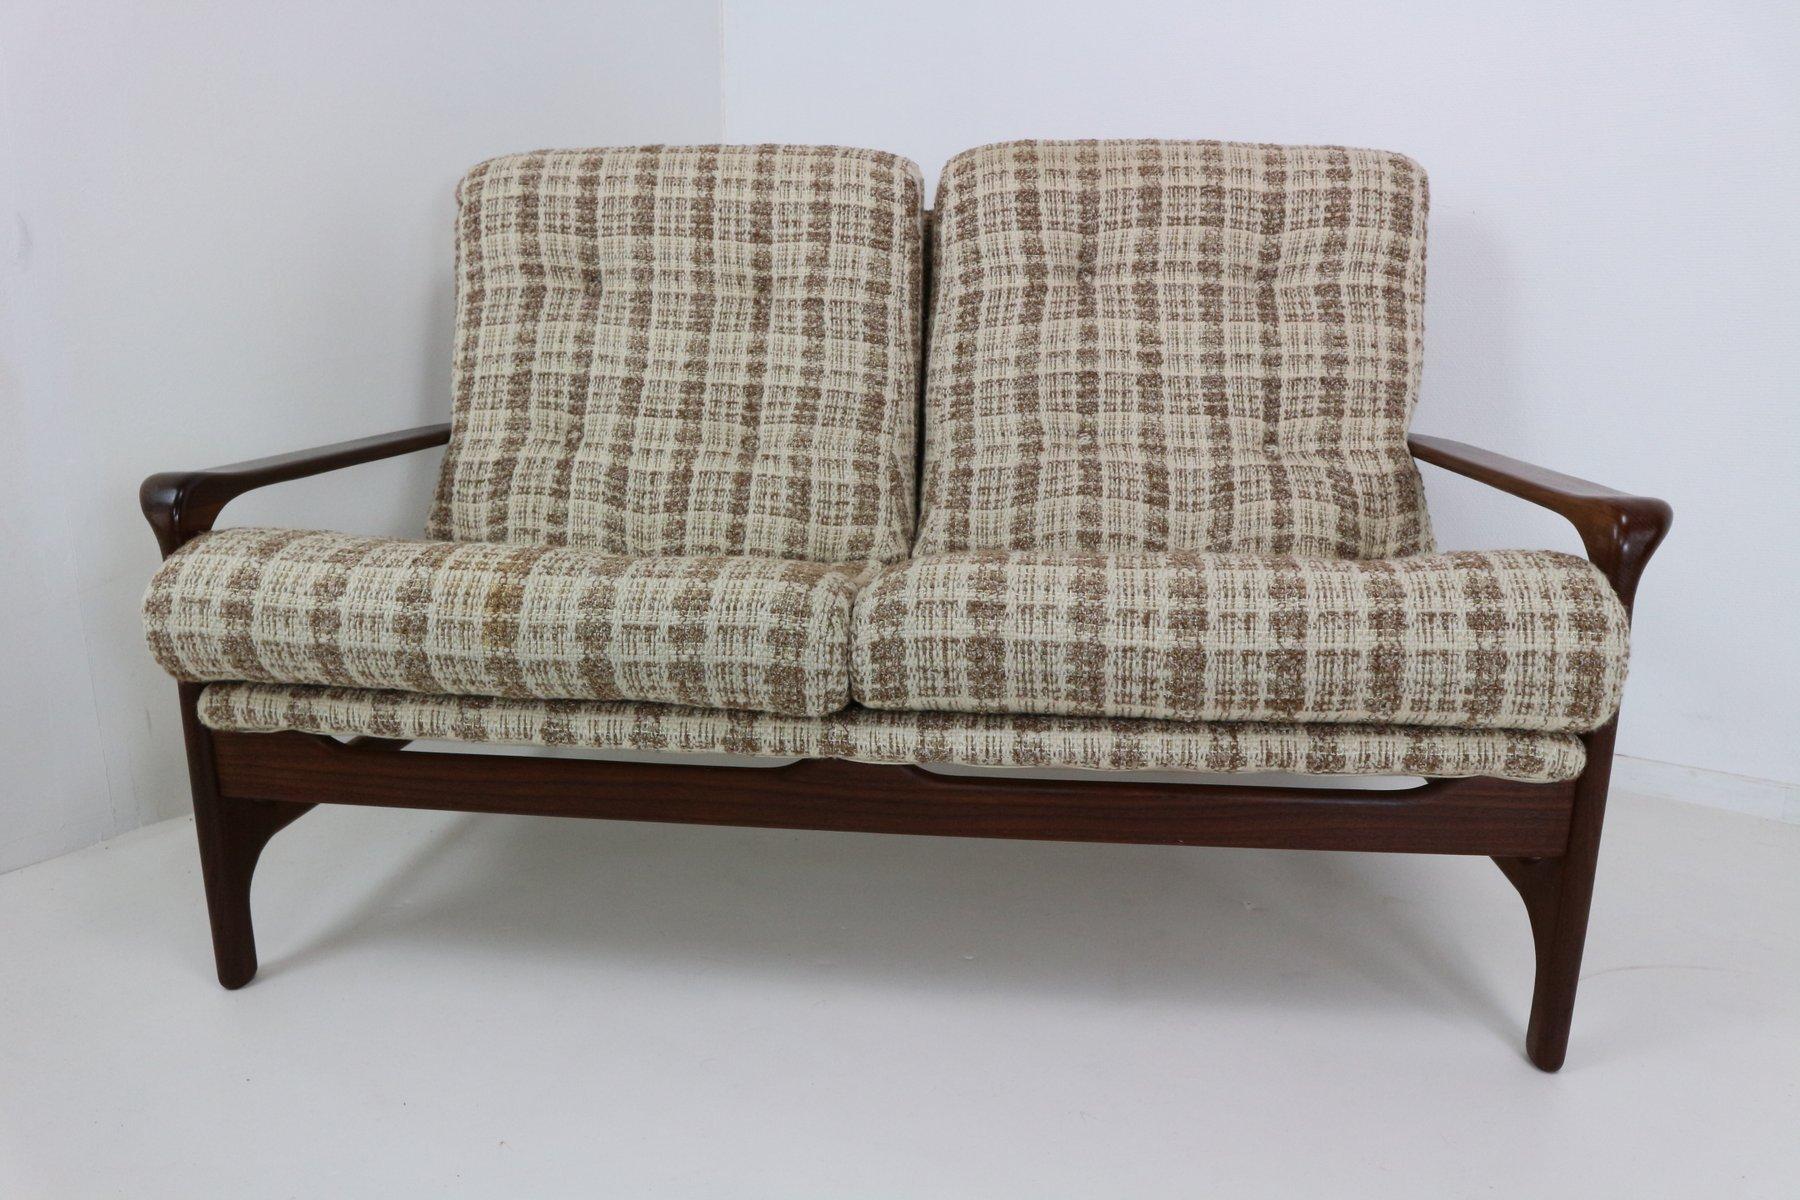 organisch geformter vintage 2 sitzer sofa aus palisander bei pamono kaufen. Black Bedroom Furniture Sets. Home Design Ideas